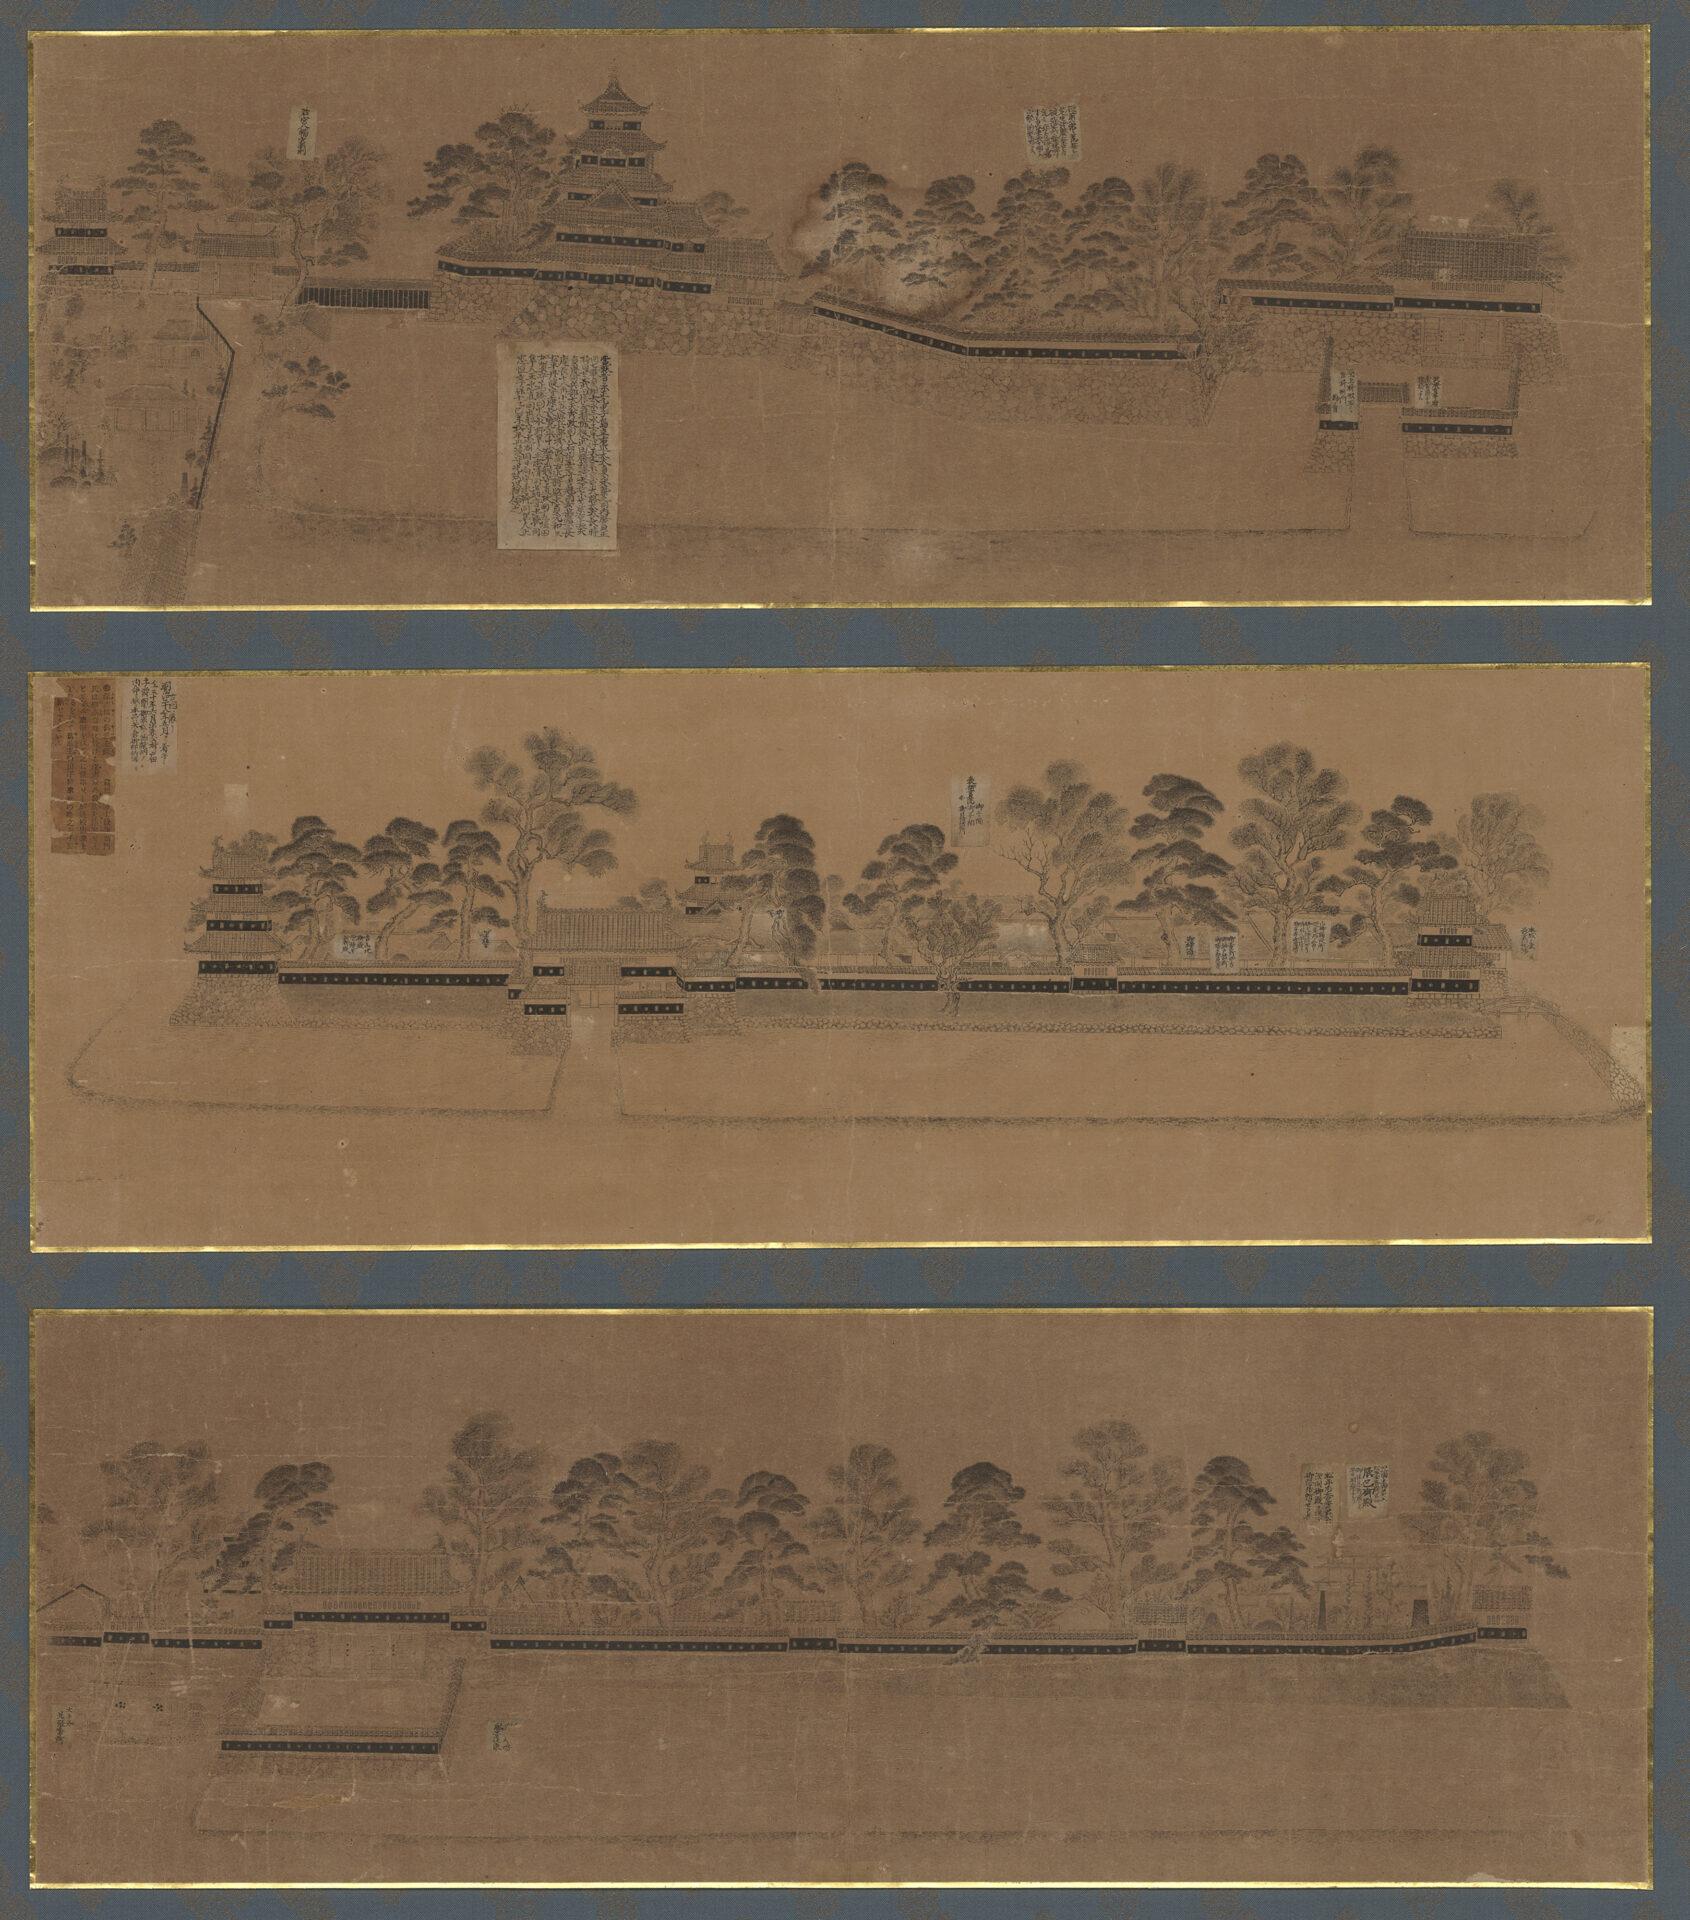 「後藤新門画 紙本墨画 松本城旧景図」